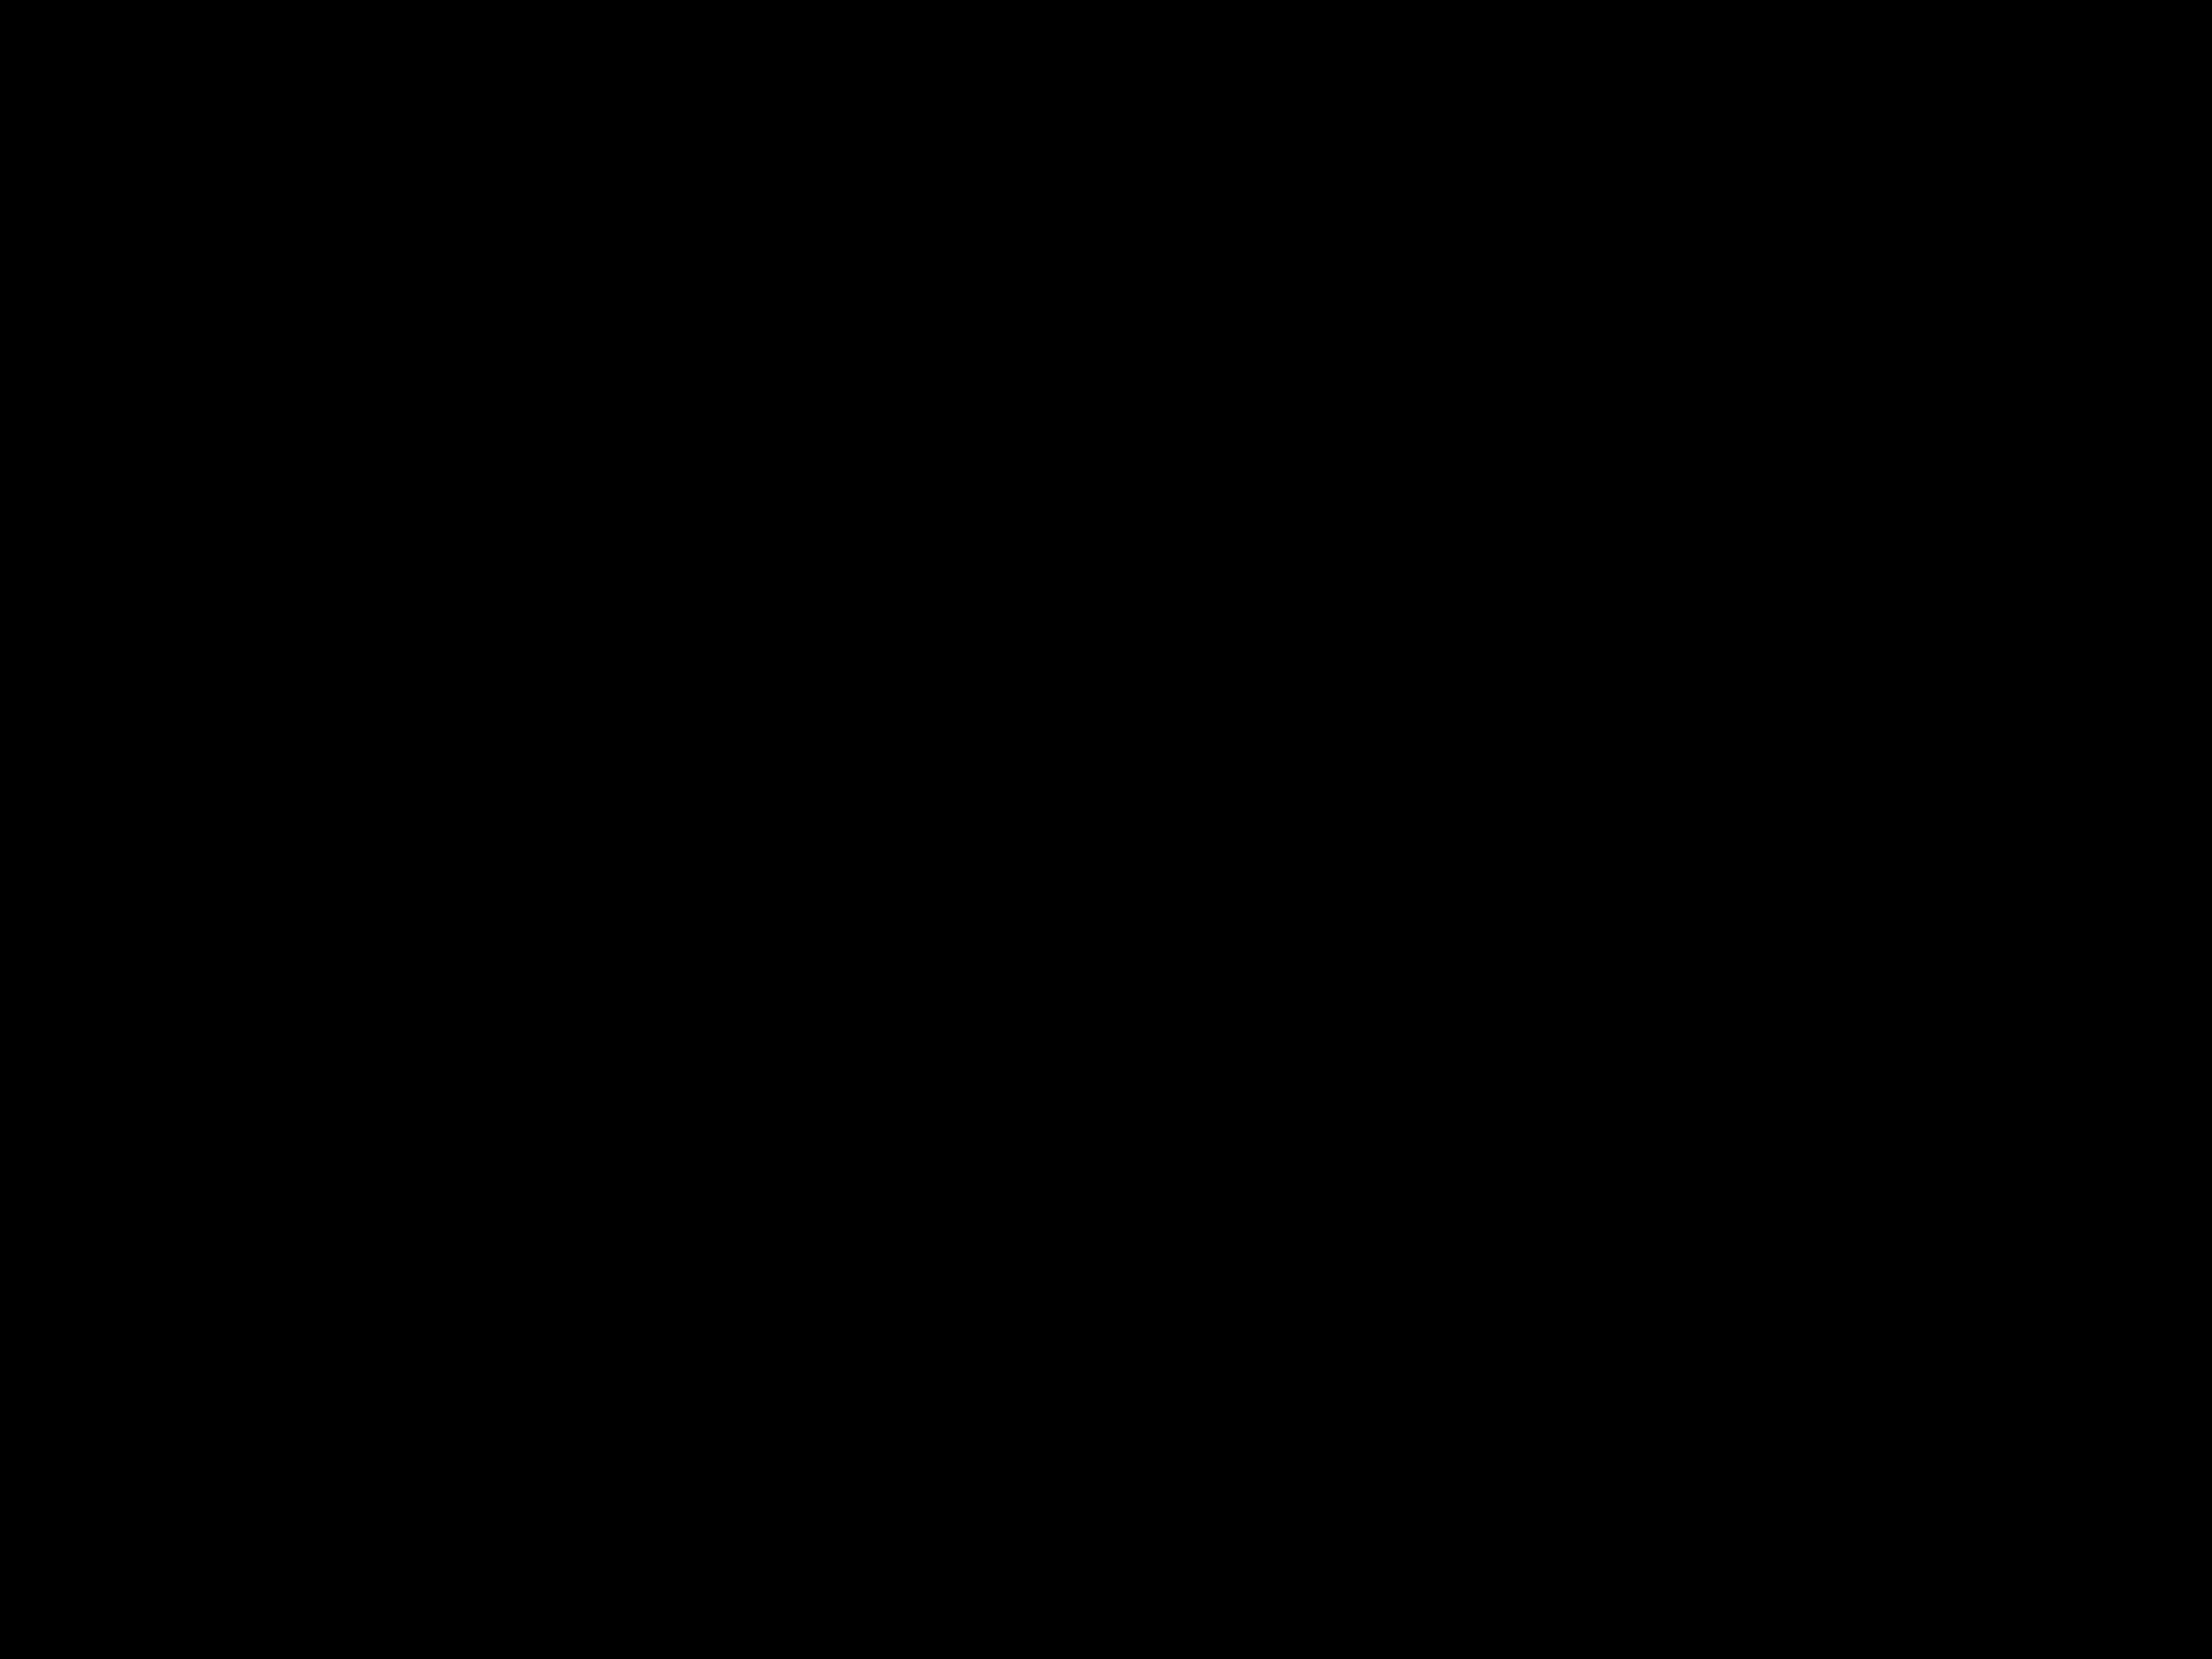 abstrakte moderne malerei acryl auf leinwand ekaba k nstler r diger von wenckstern. Black Bedroom Furniture Sets. Home Design Ideas